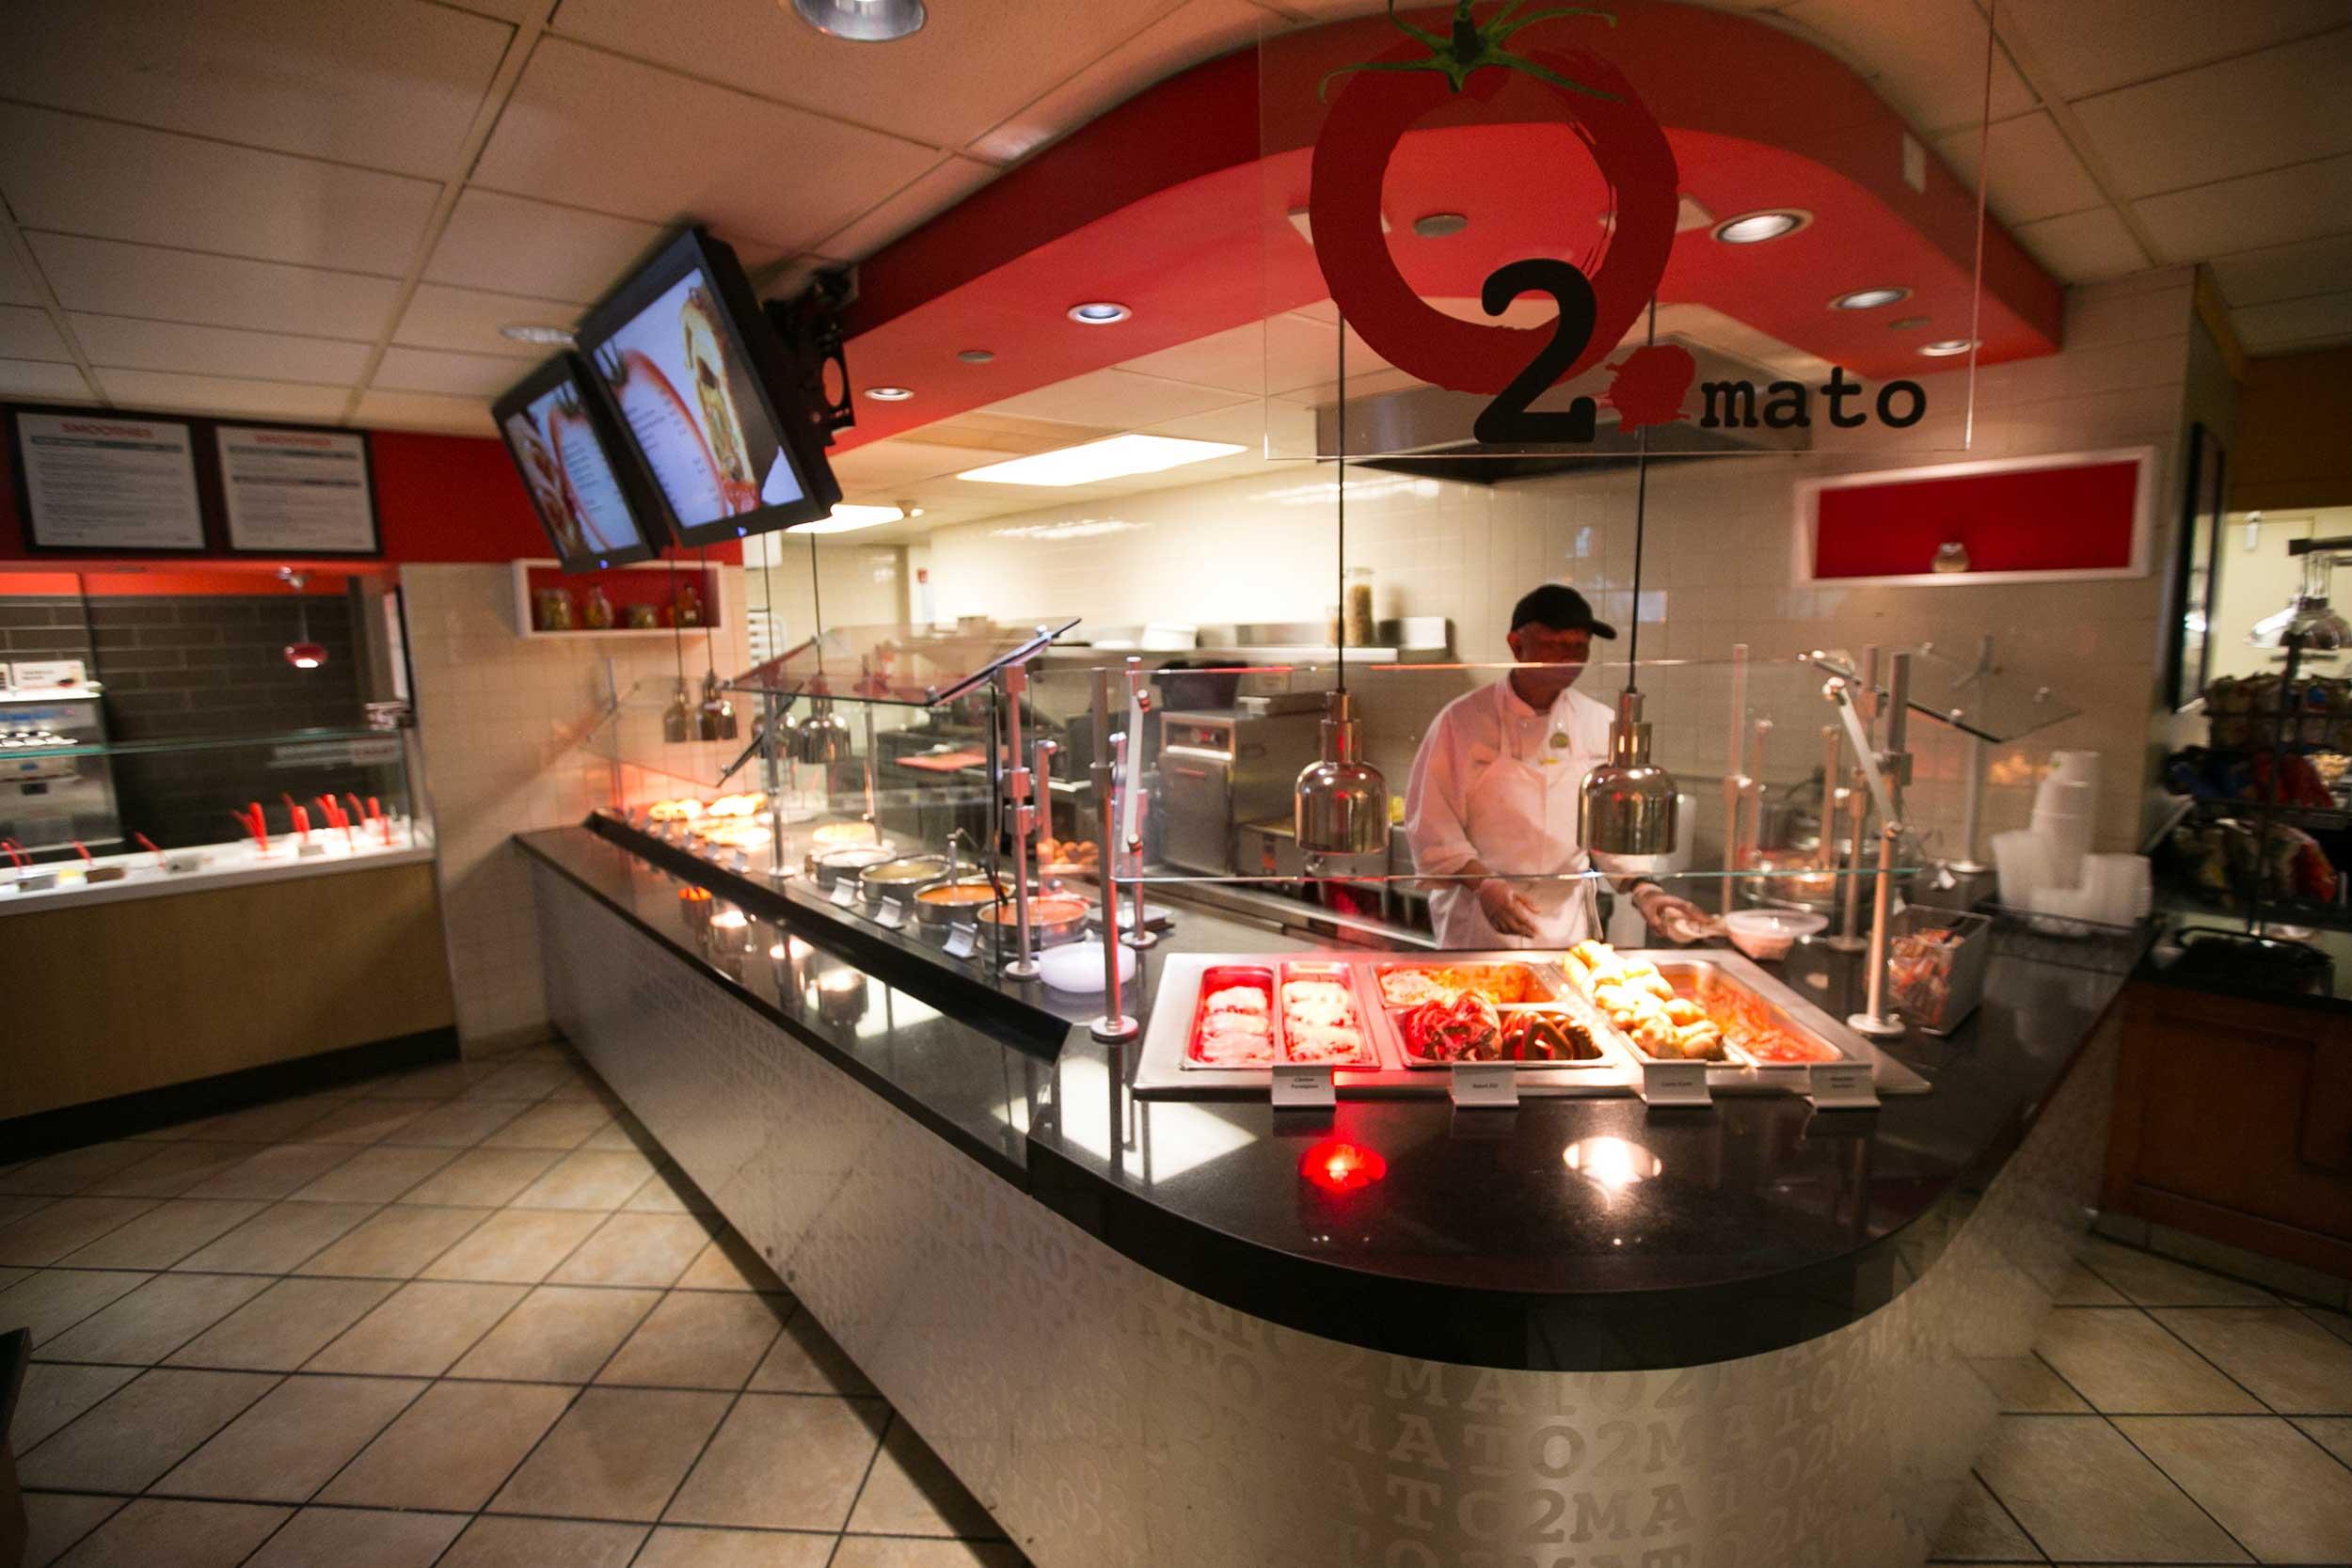 餐厅@INTO霍夫斯特拉大学